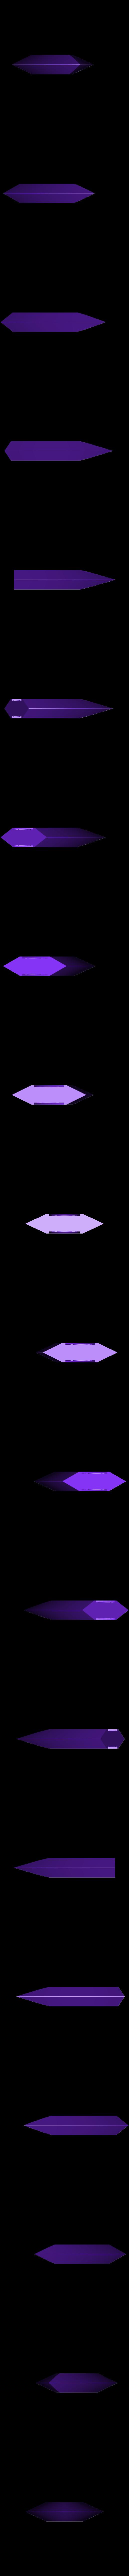 SWORD_TOP.stl Télécharger fichier STL gratuit Épée de flamme Wahammer 40k Custodes • Modèle à imprimer en 3D, Lance_Greene